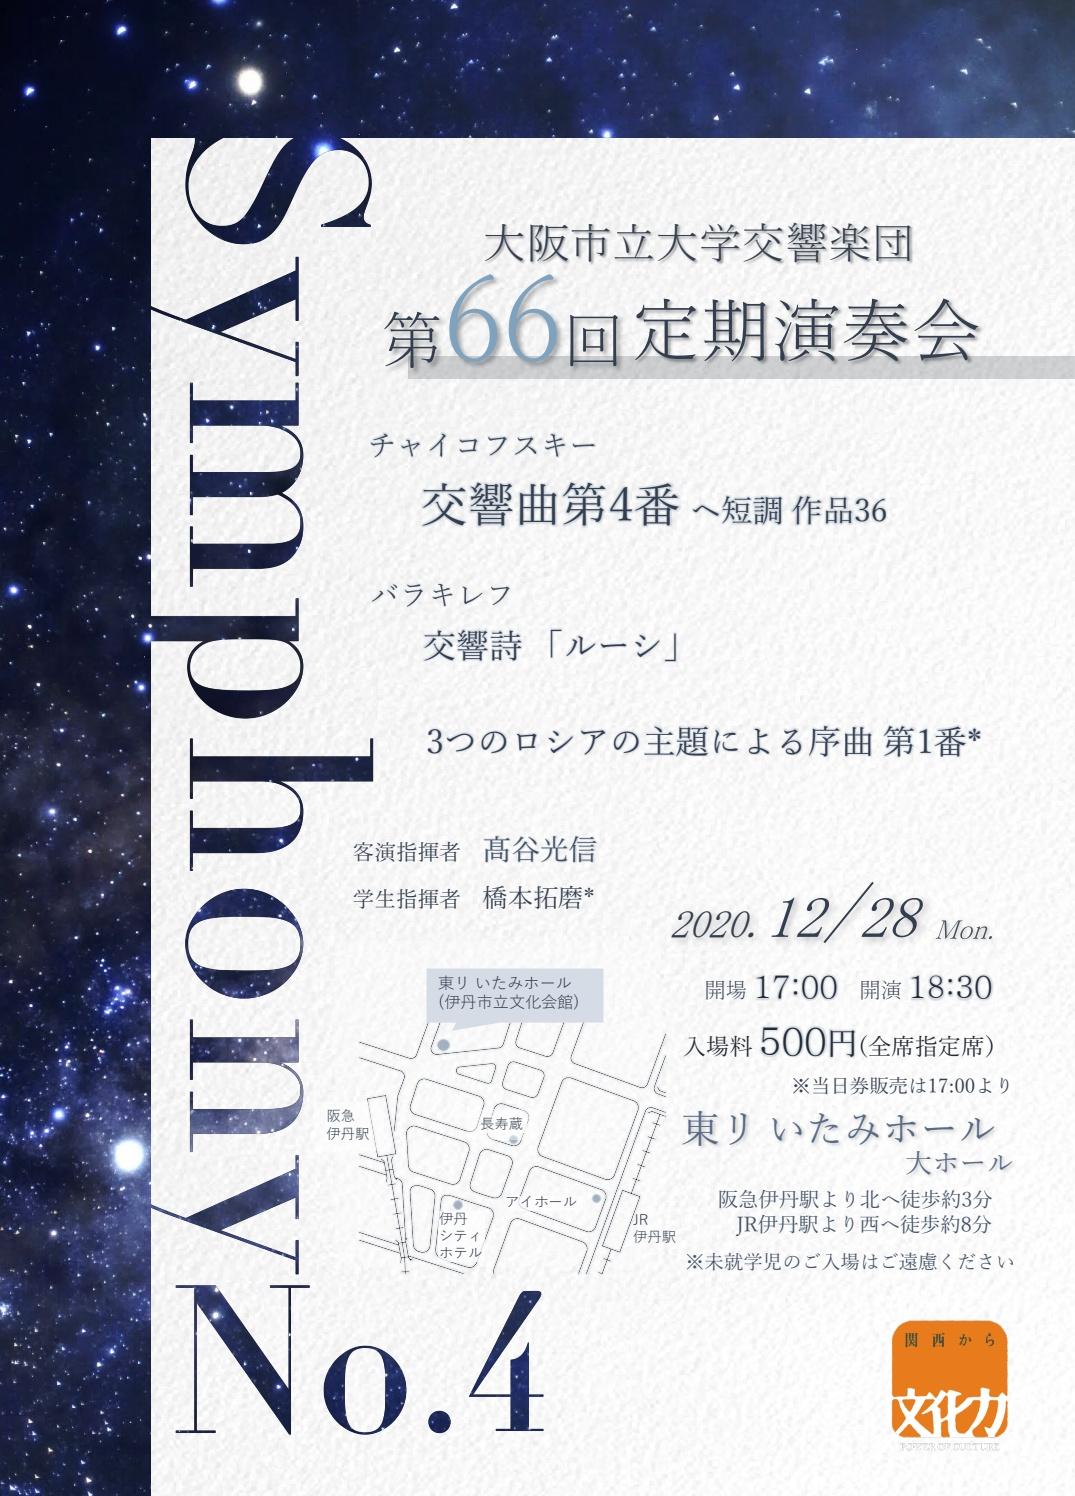 大阪市立大学交響楽団第66回定期演奏会